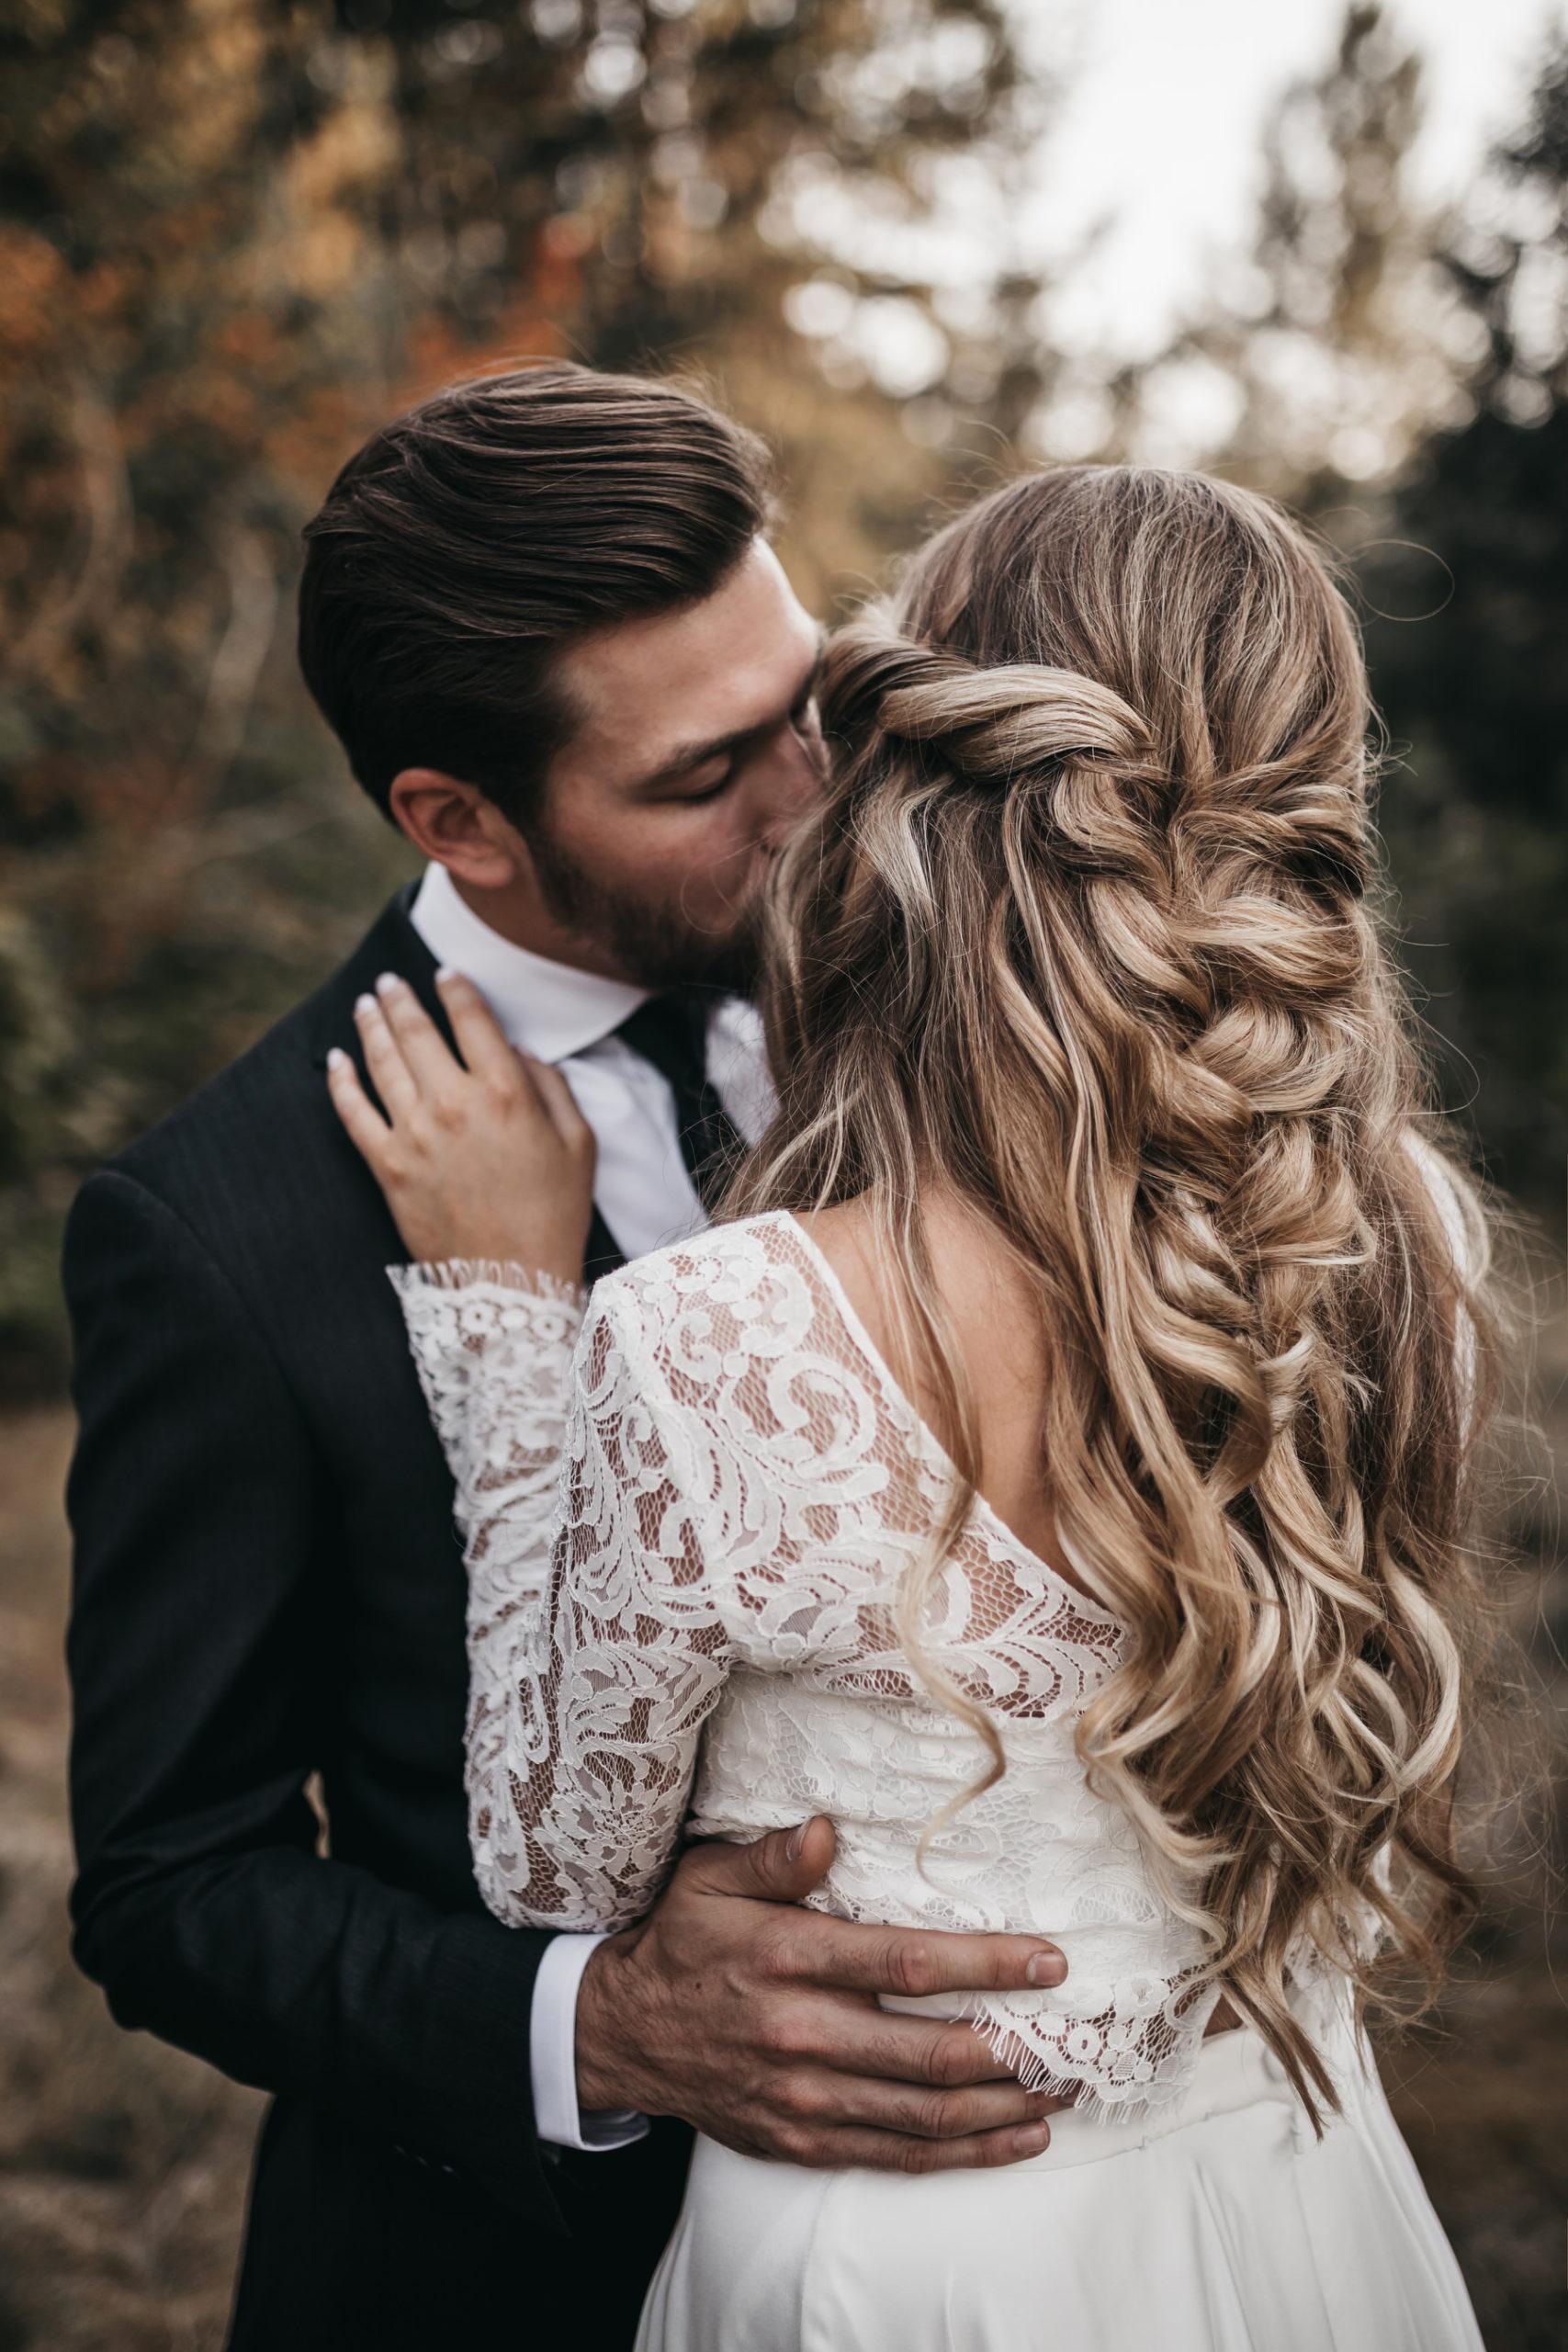 Waarom zou je willen trouwen?